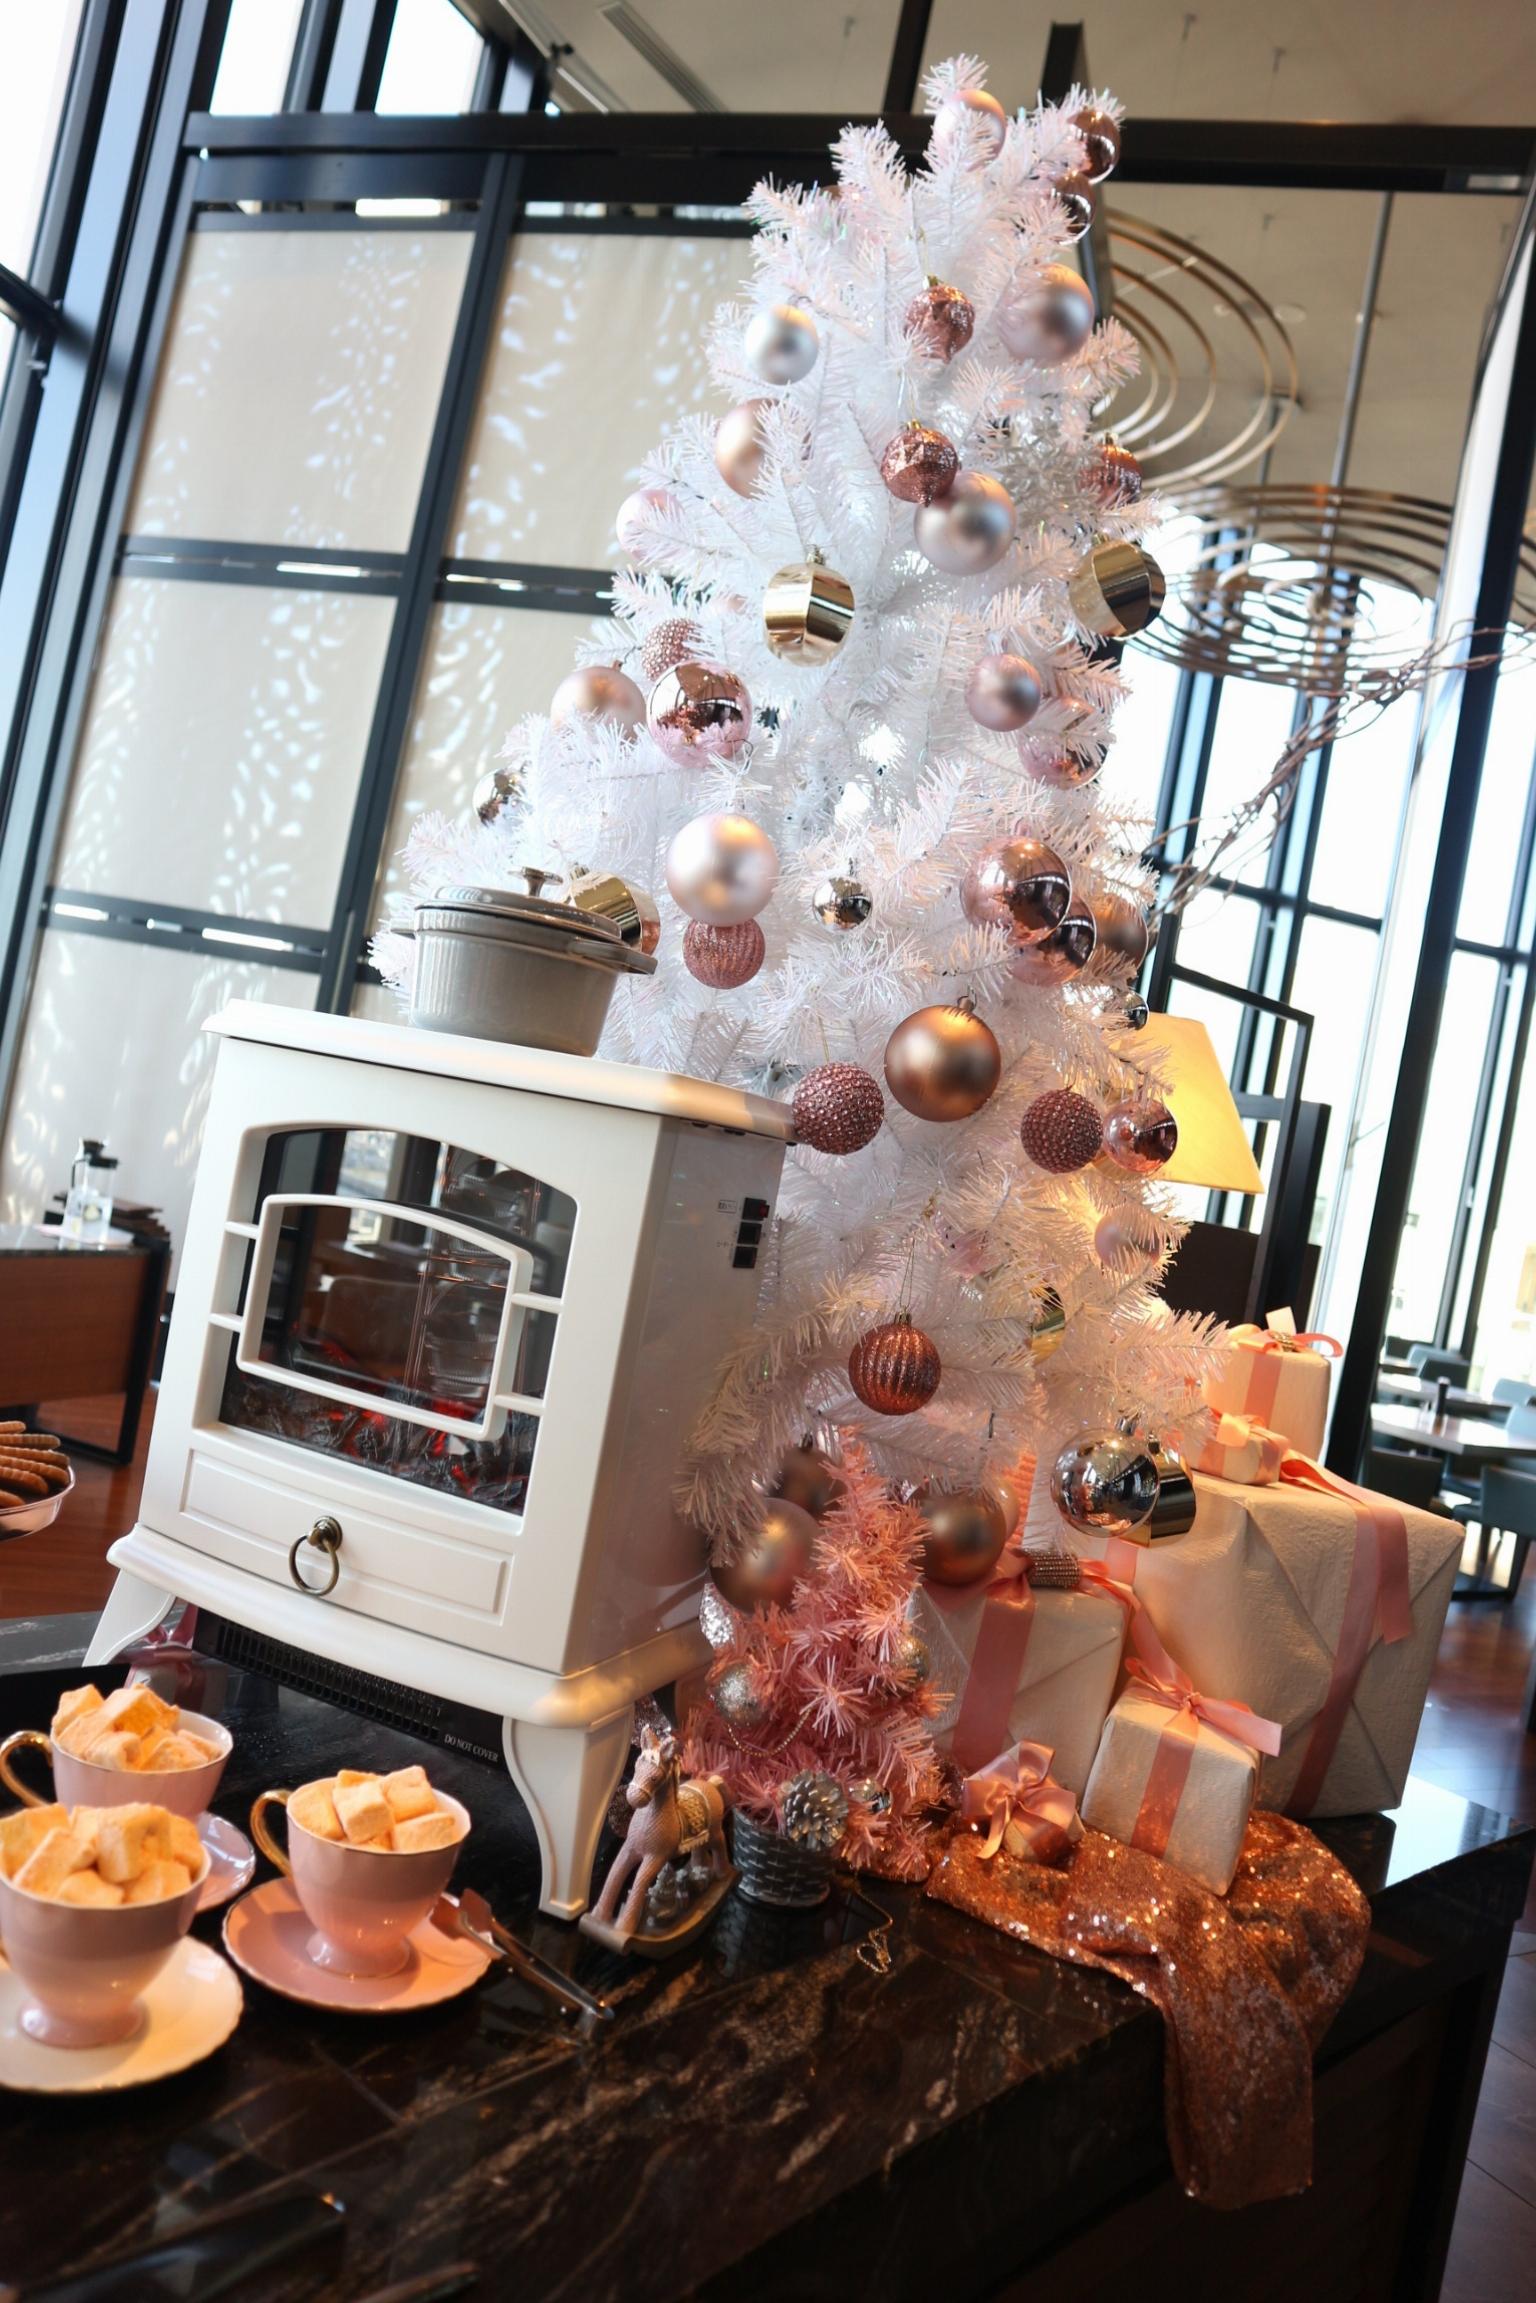 【コンラッド】ローズゴールドを基調とした空間でクリスマススイーツビュッフェ♡_2